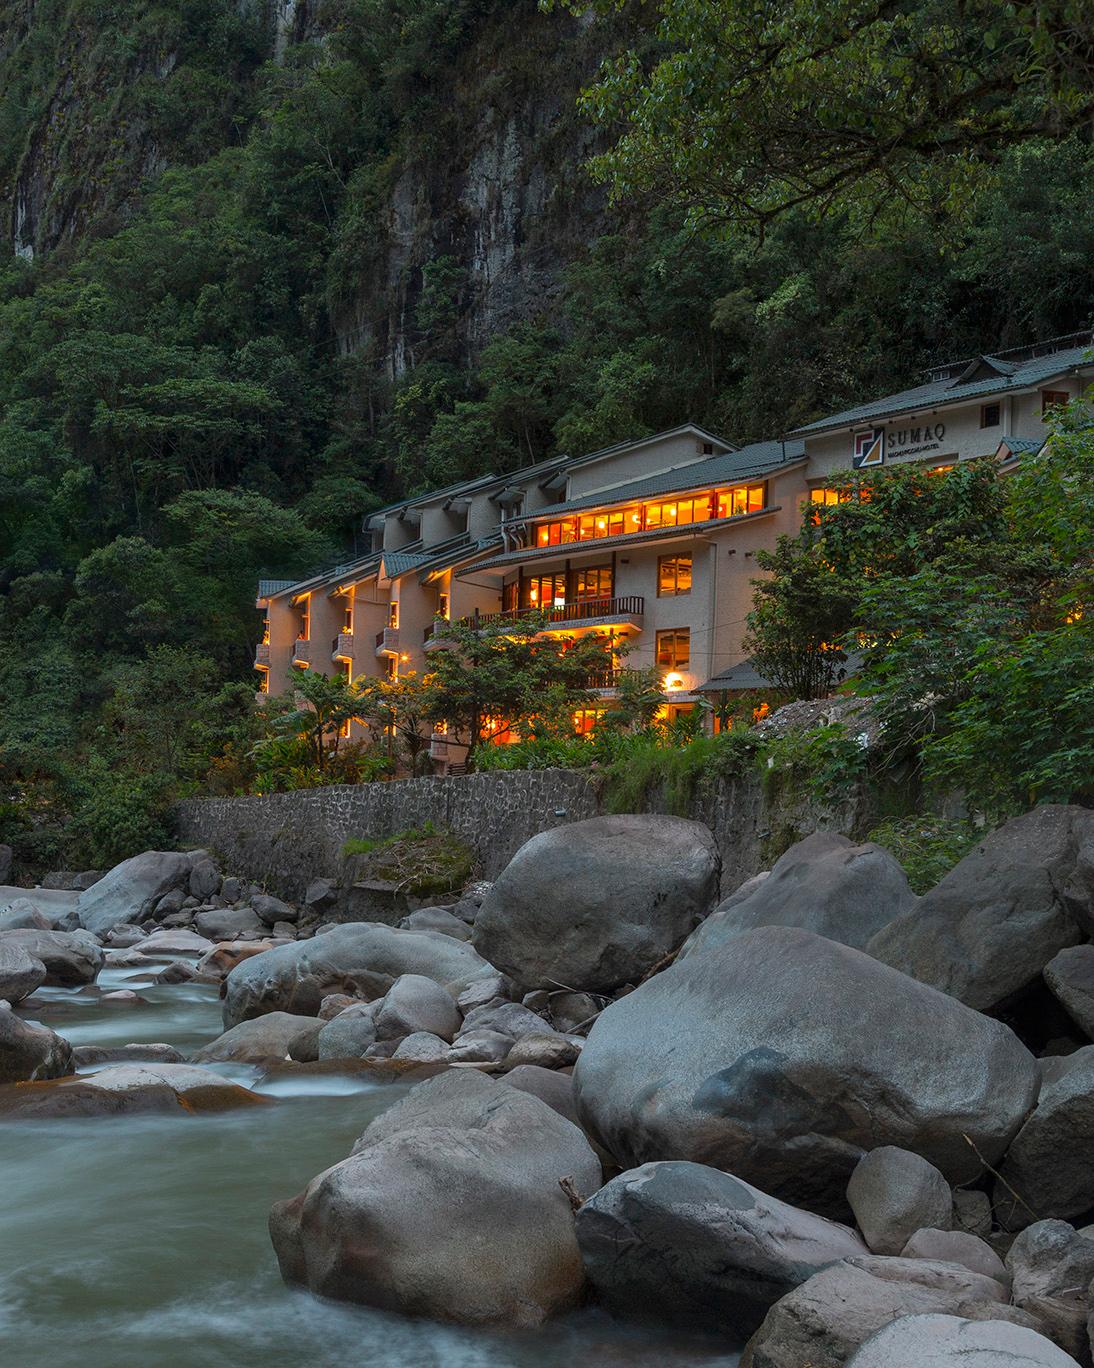 peru-location-scout-sumaq-hotel-0115.jpg